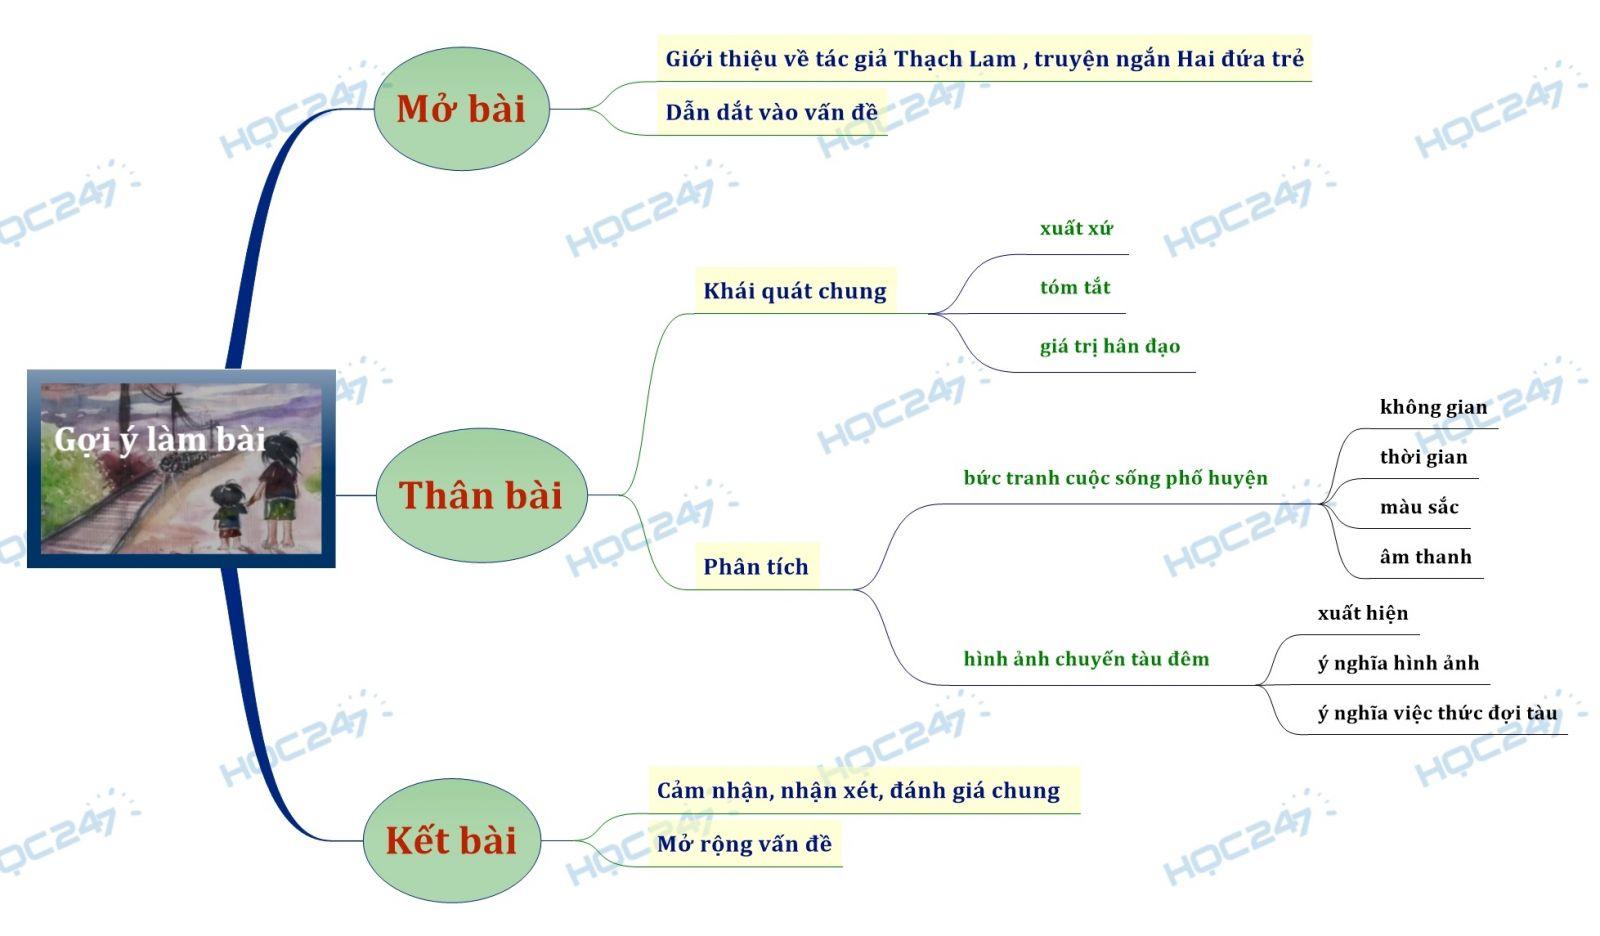 sơ đồ tư duy phân tích Hai đứa trẻ của Thạch Lam